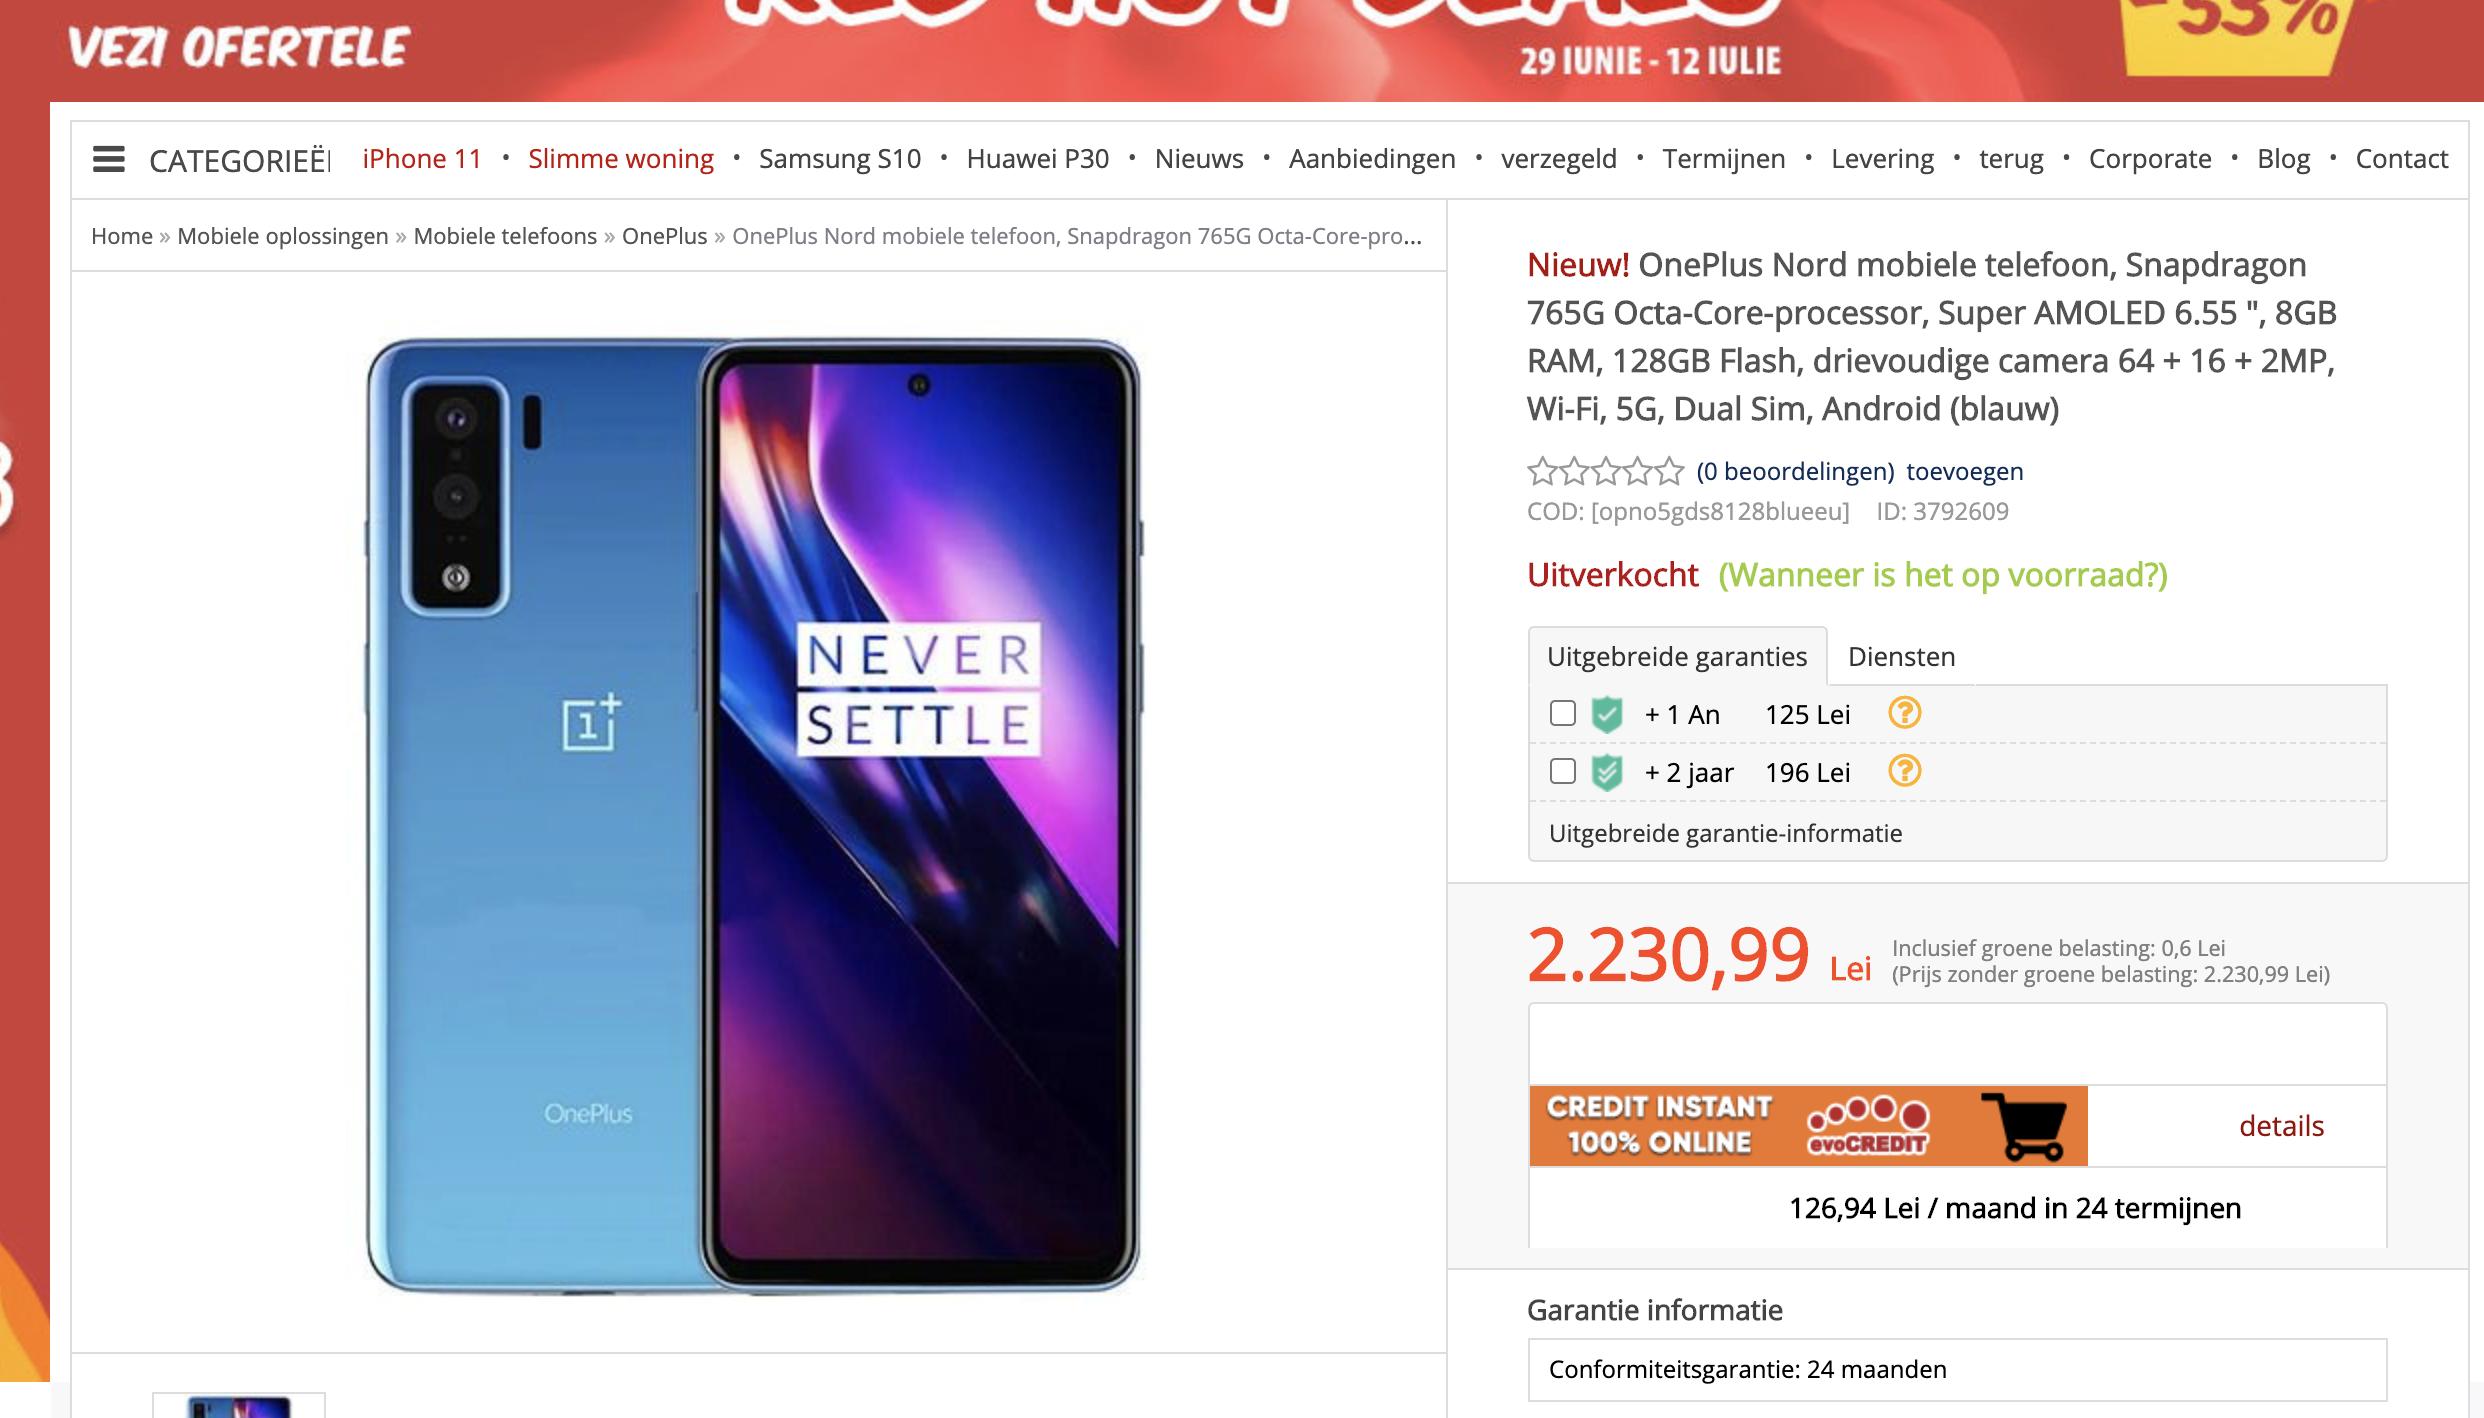 OnePlus Nord prijzen specificaties